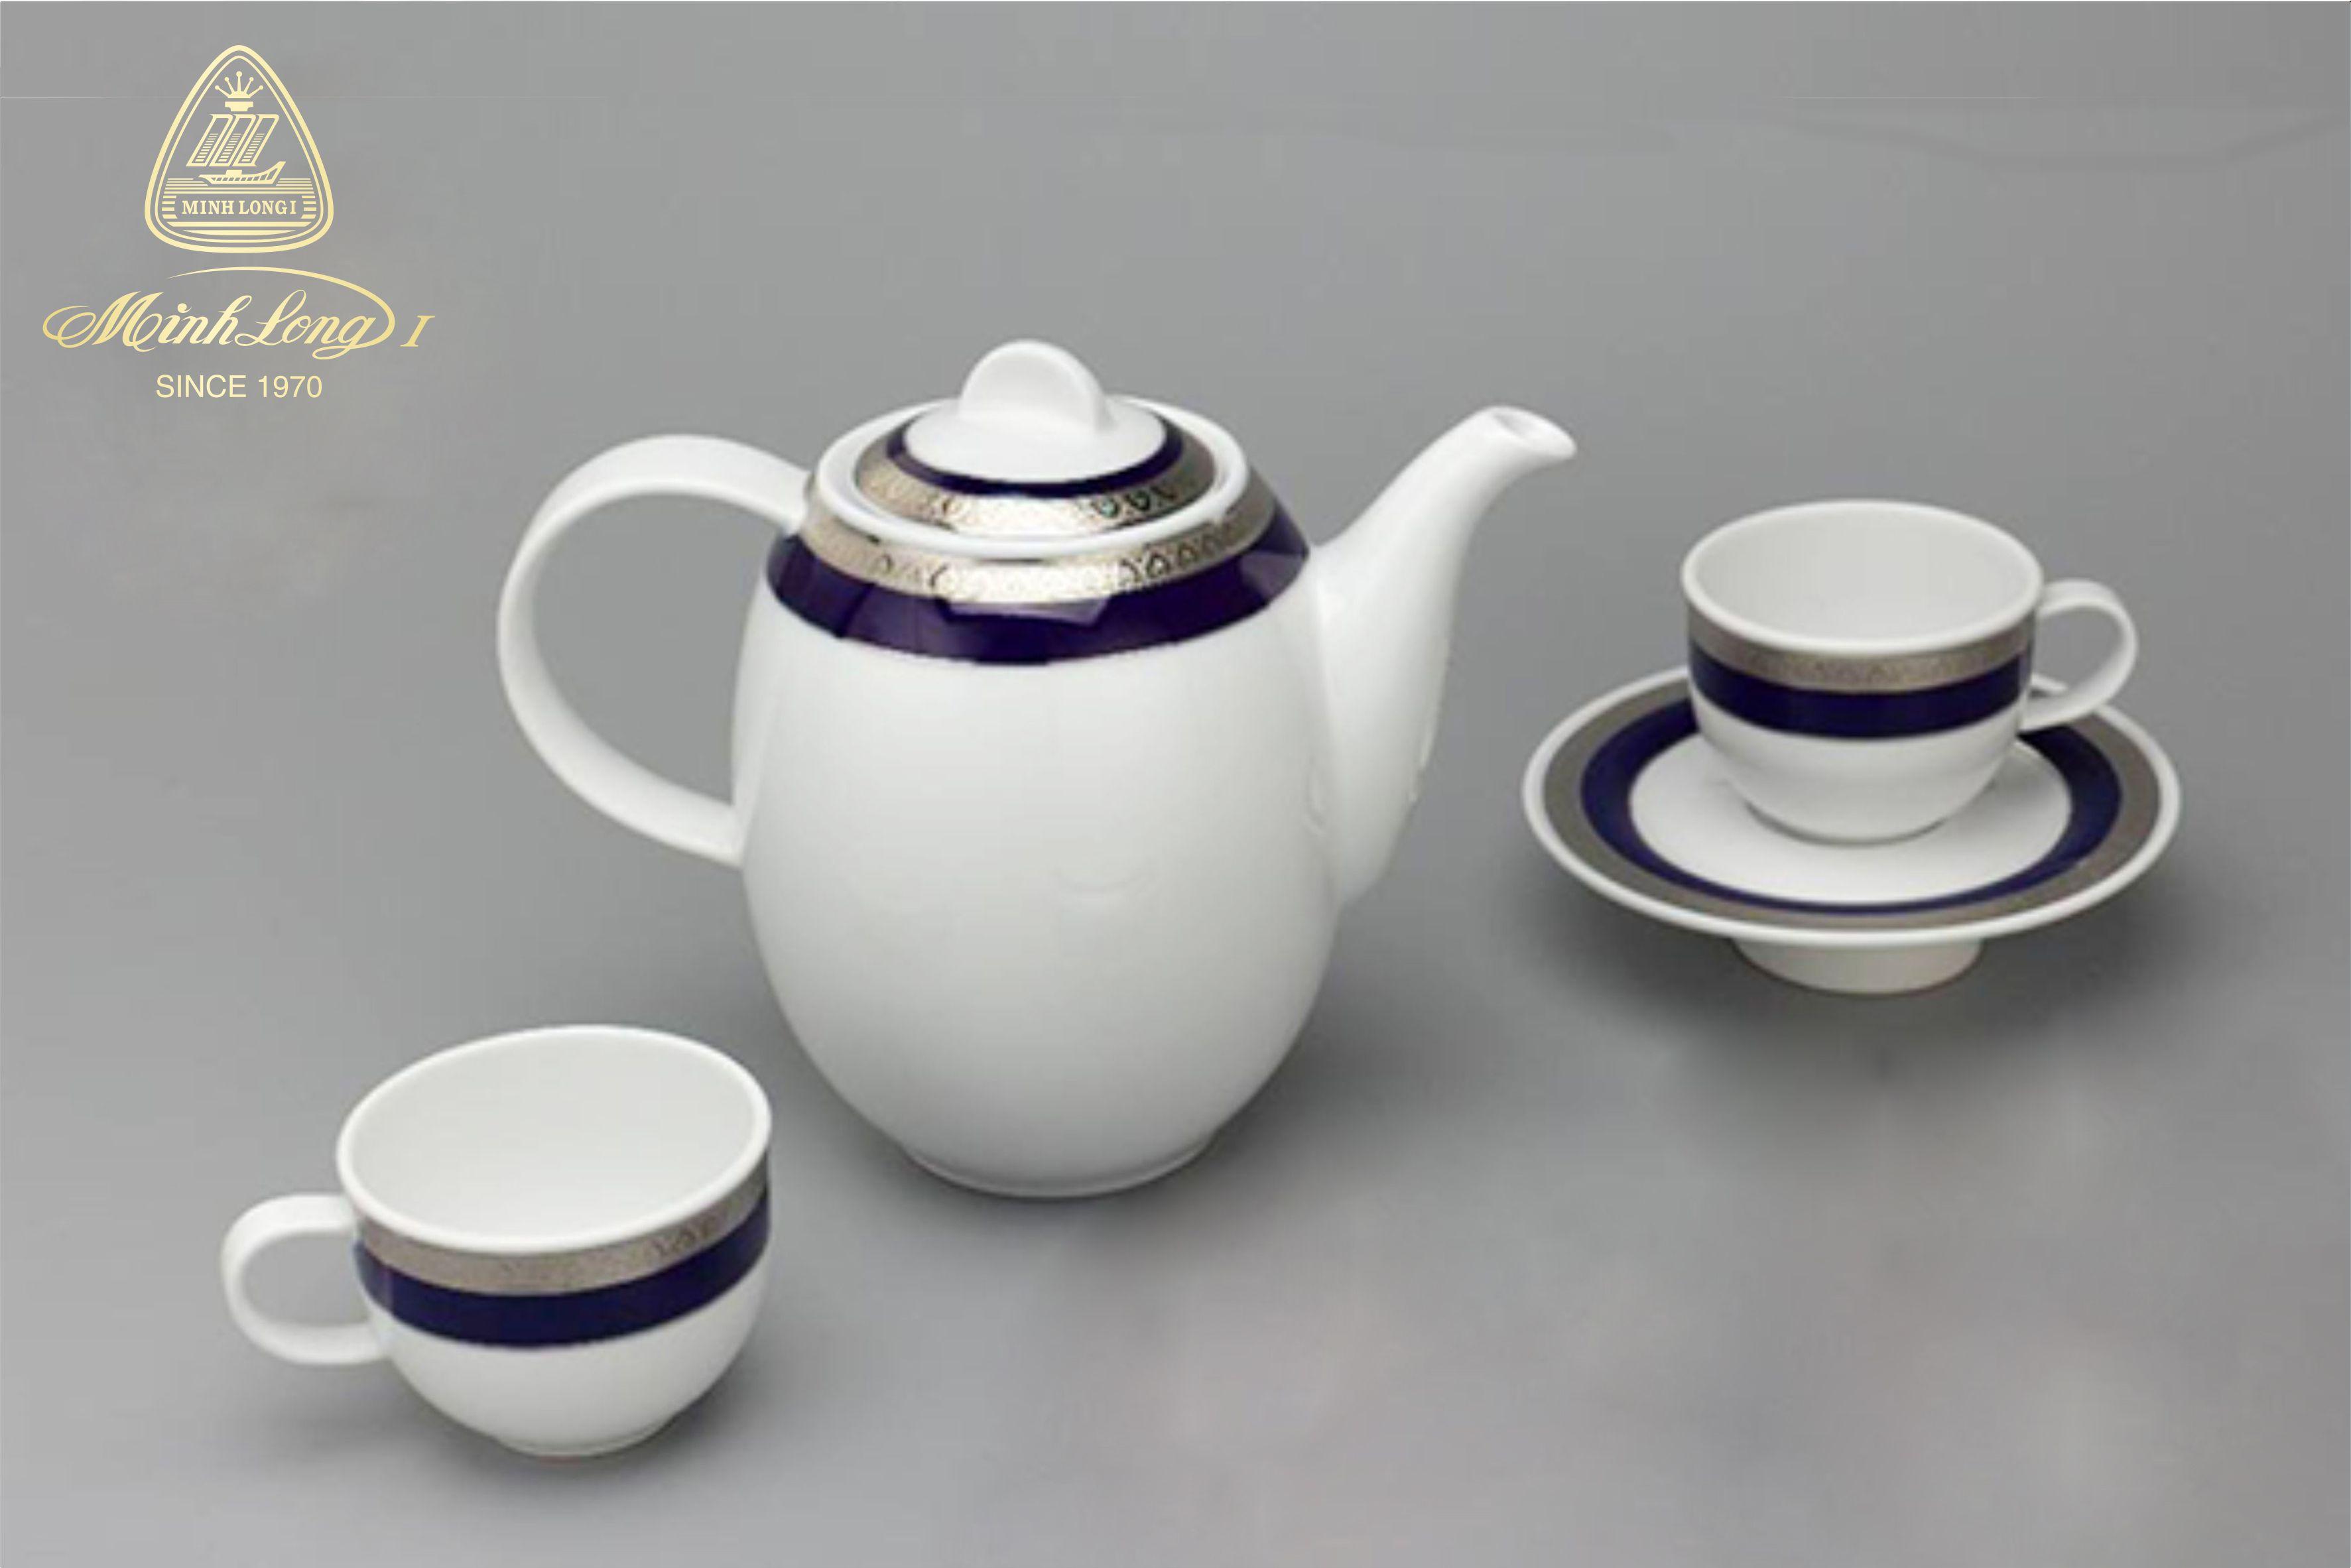 Bộ cà phê 0.8L Sago Thiên Tuế Xanh (Khắc Nỗi) 01080139203 Minh Long